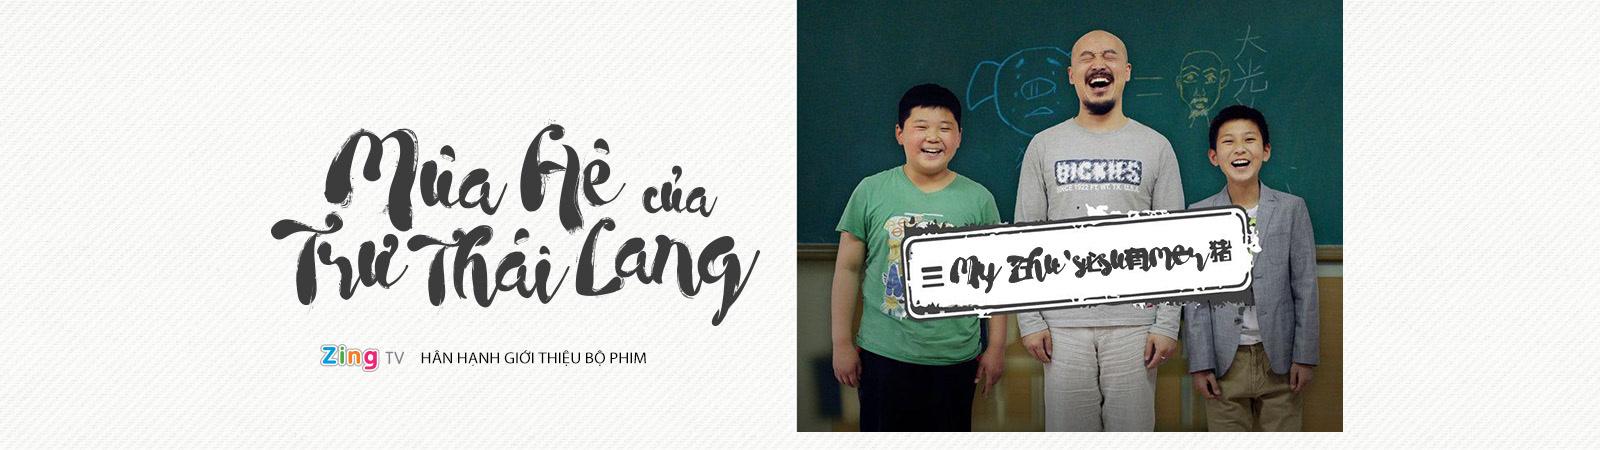 Mùa Hè Của Trư Thái Lang